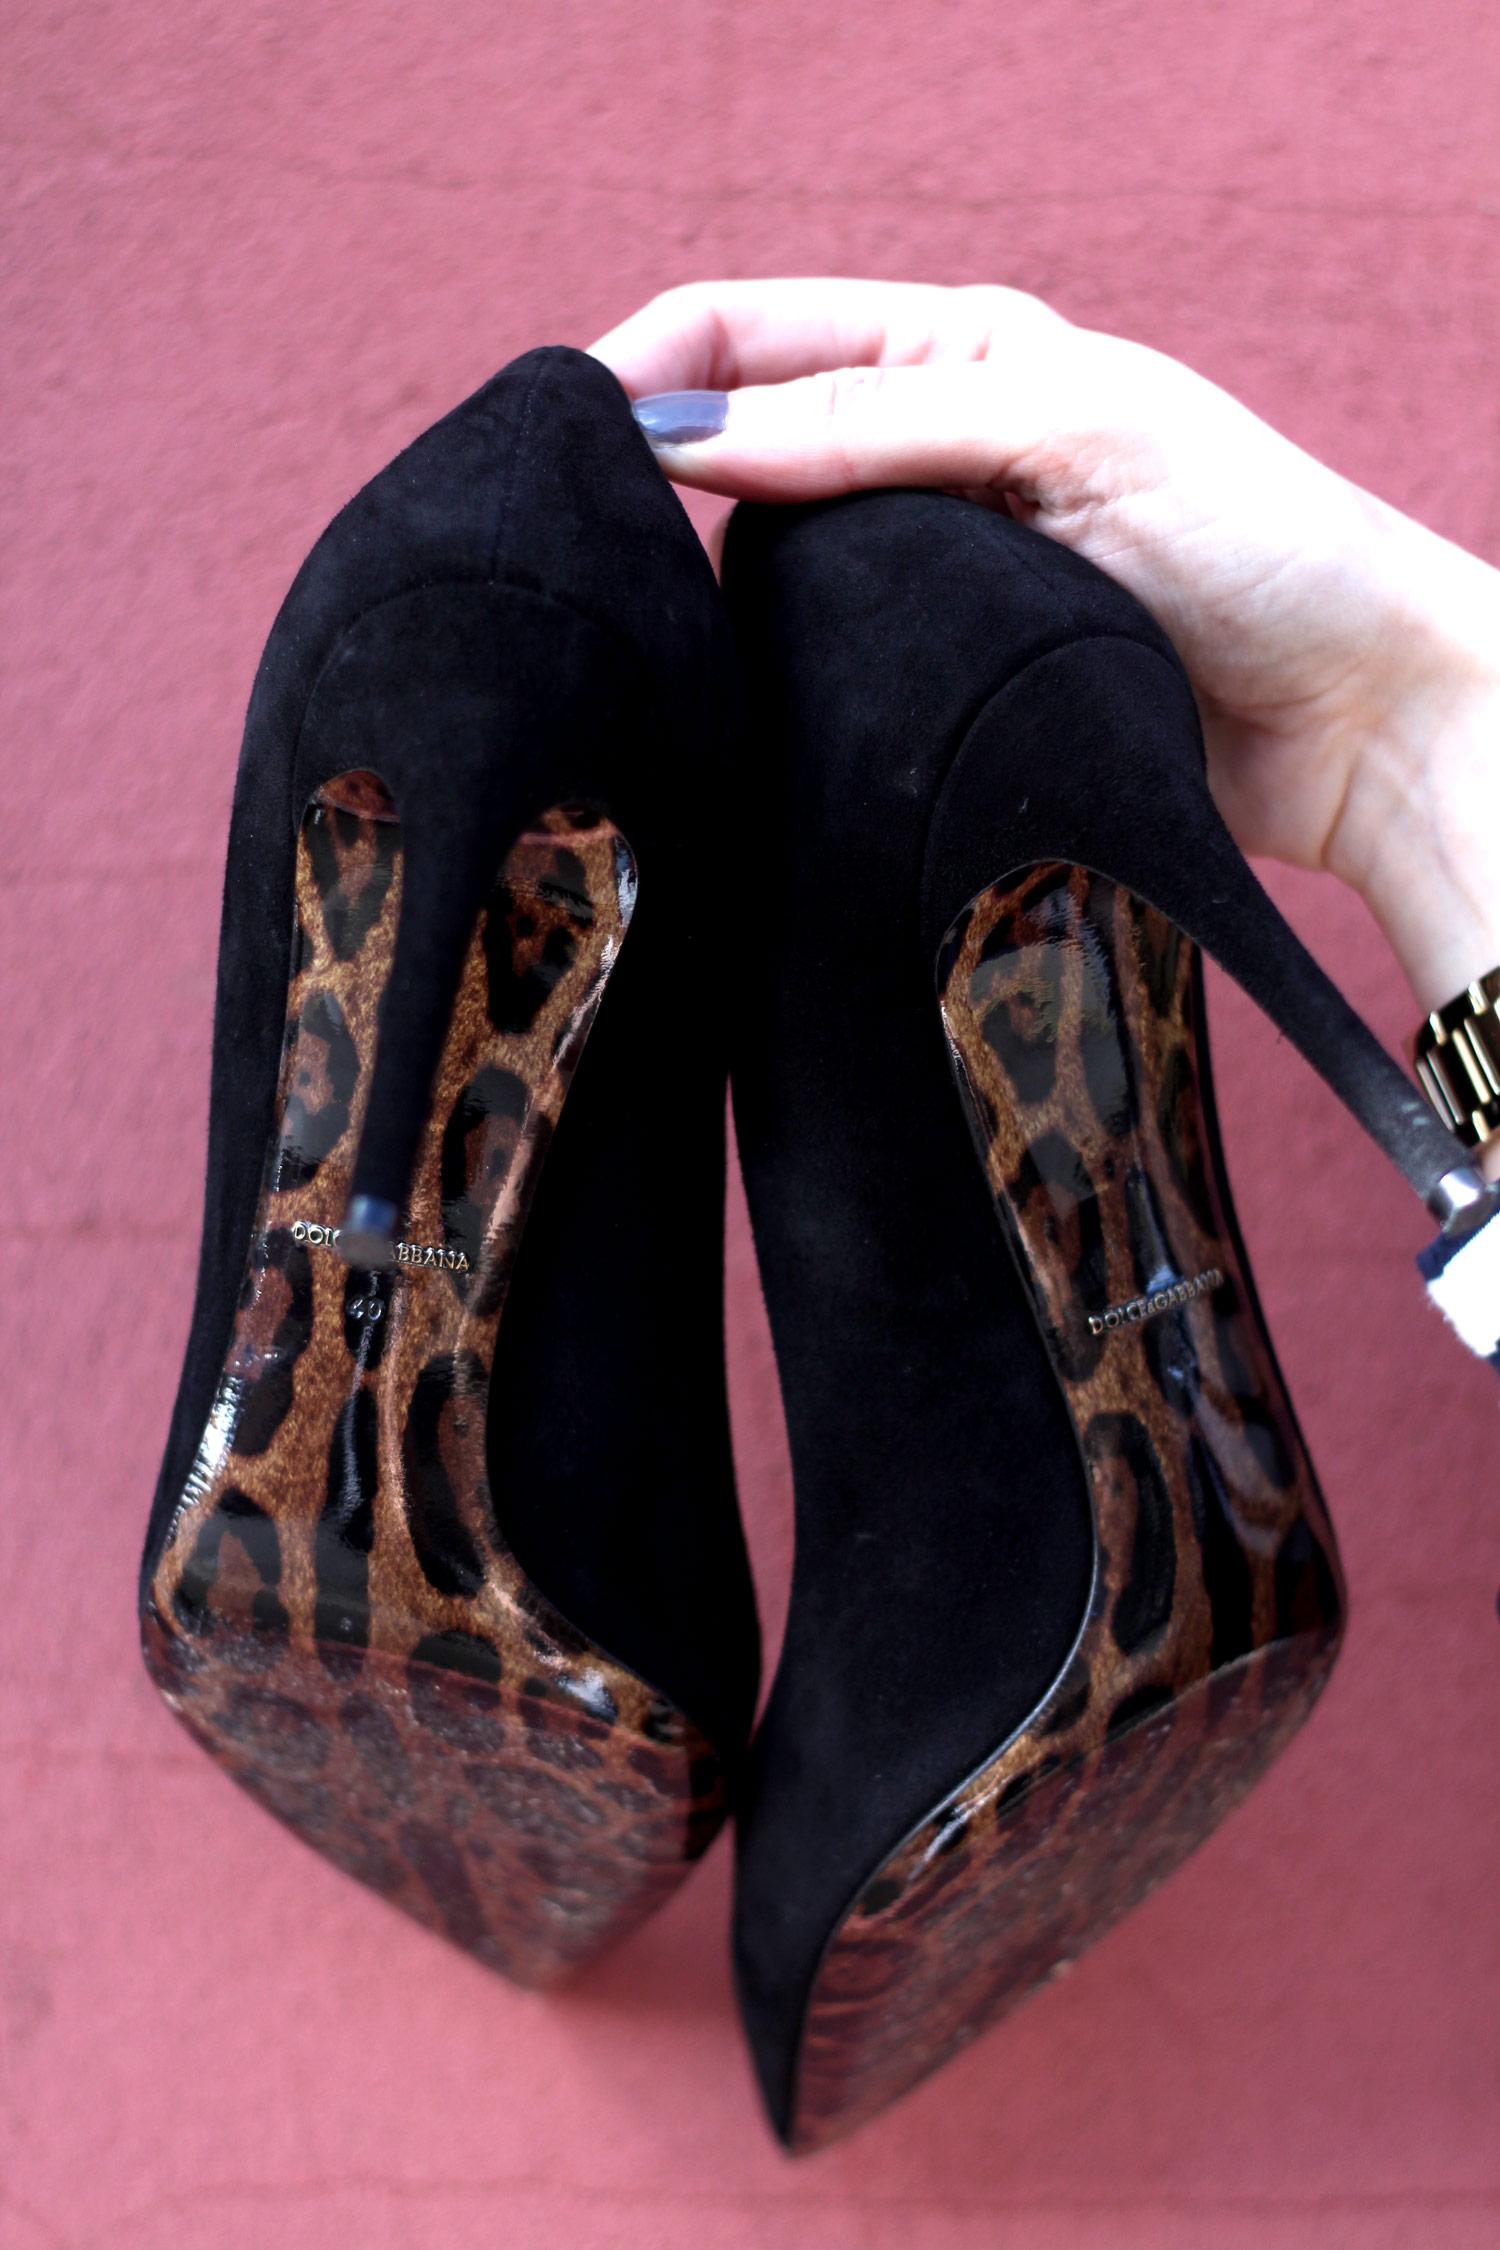 farfetch-dolce-gabbana-black-suede-heels-weekday-jeans-chloe-faye-black-13